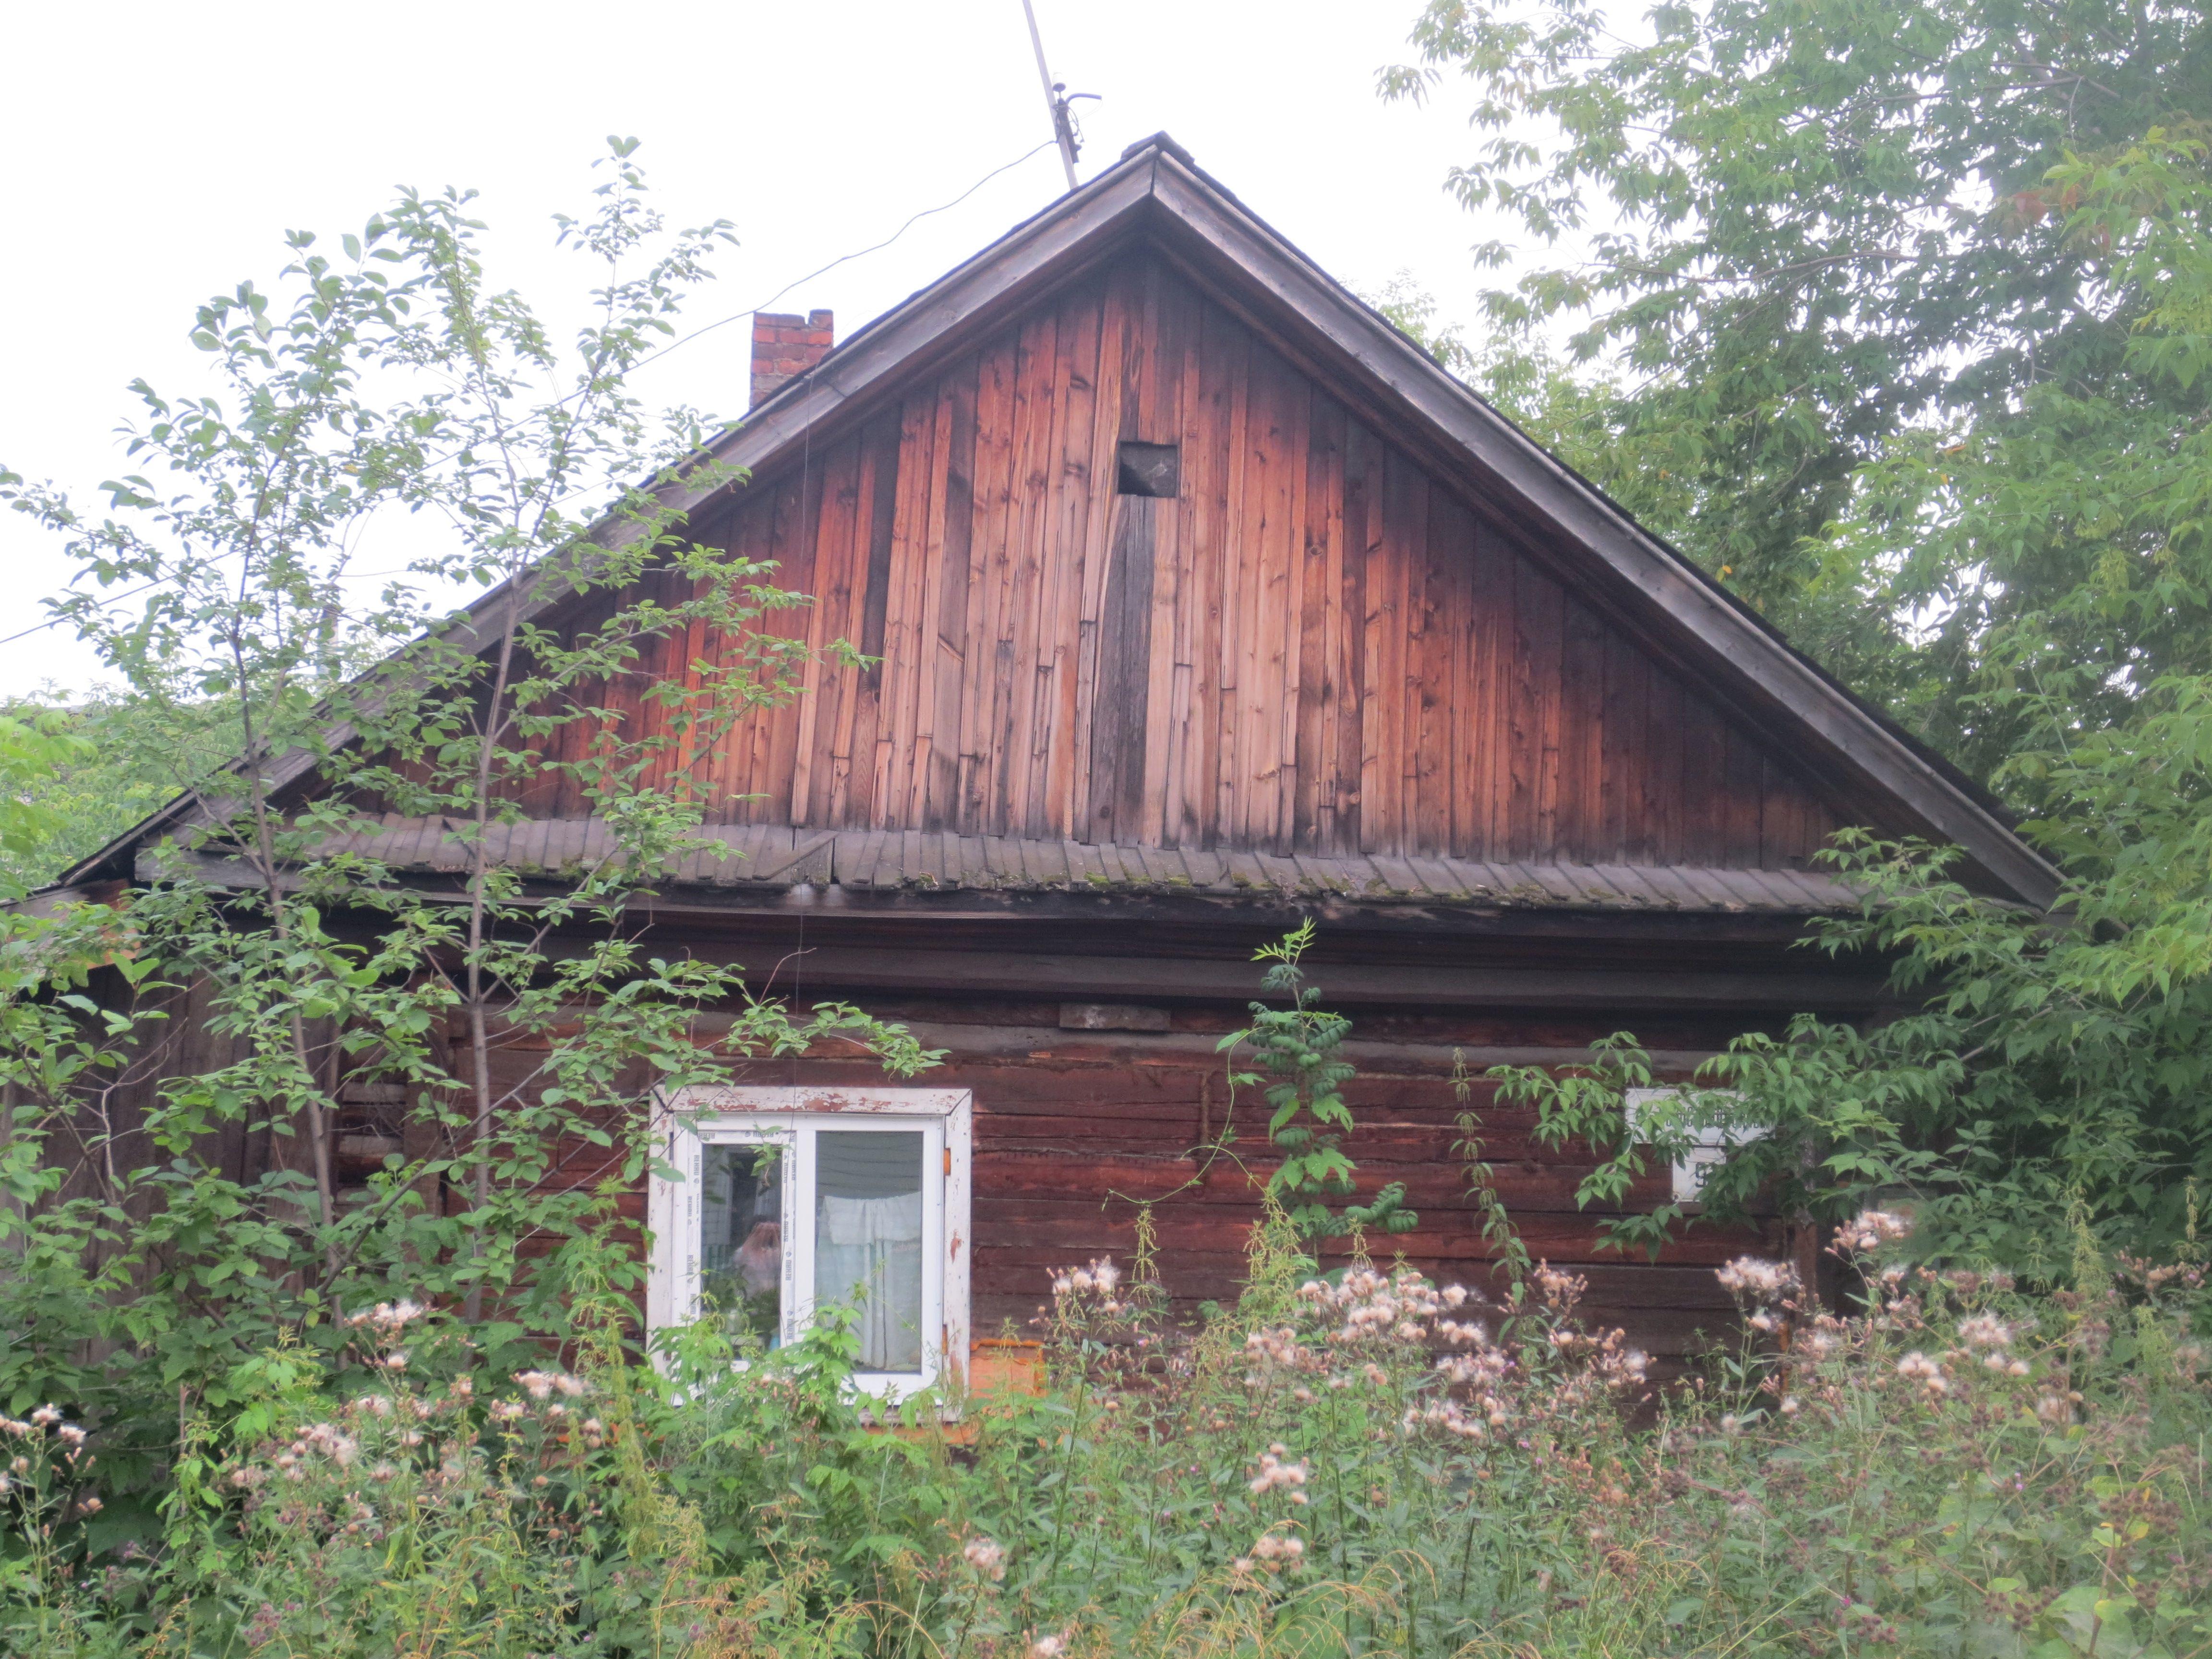 Fabelhaft Russisches Holzhaus Dekoration Von Tomsk. A Small Wooden E Not Far